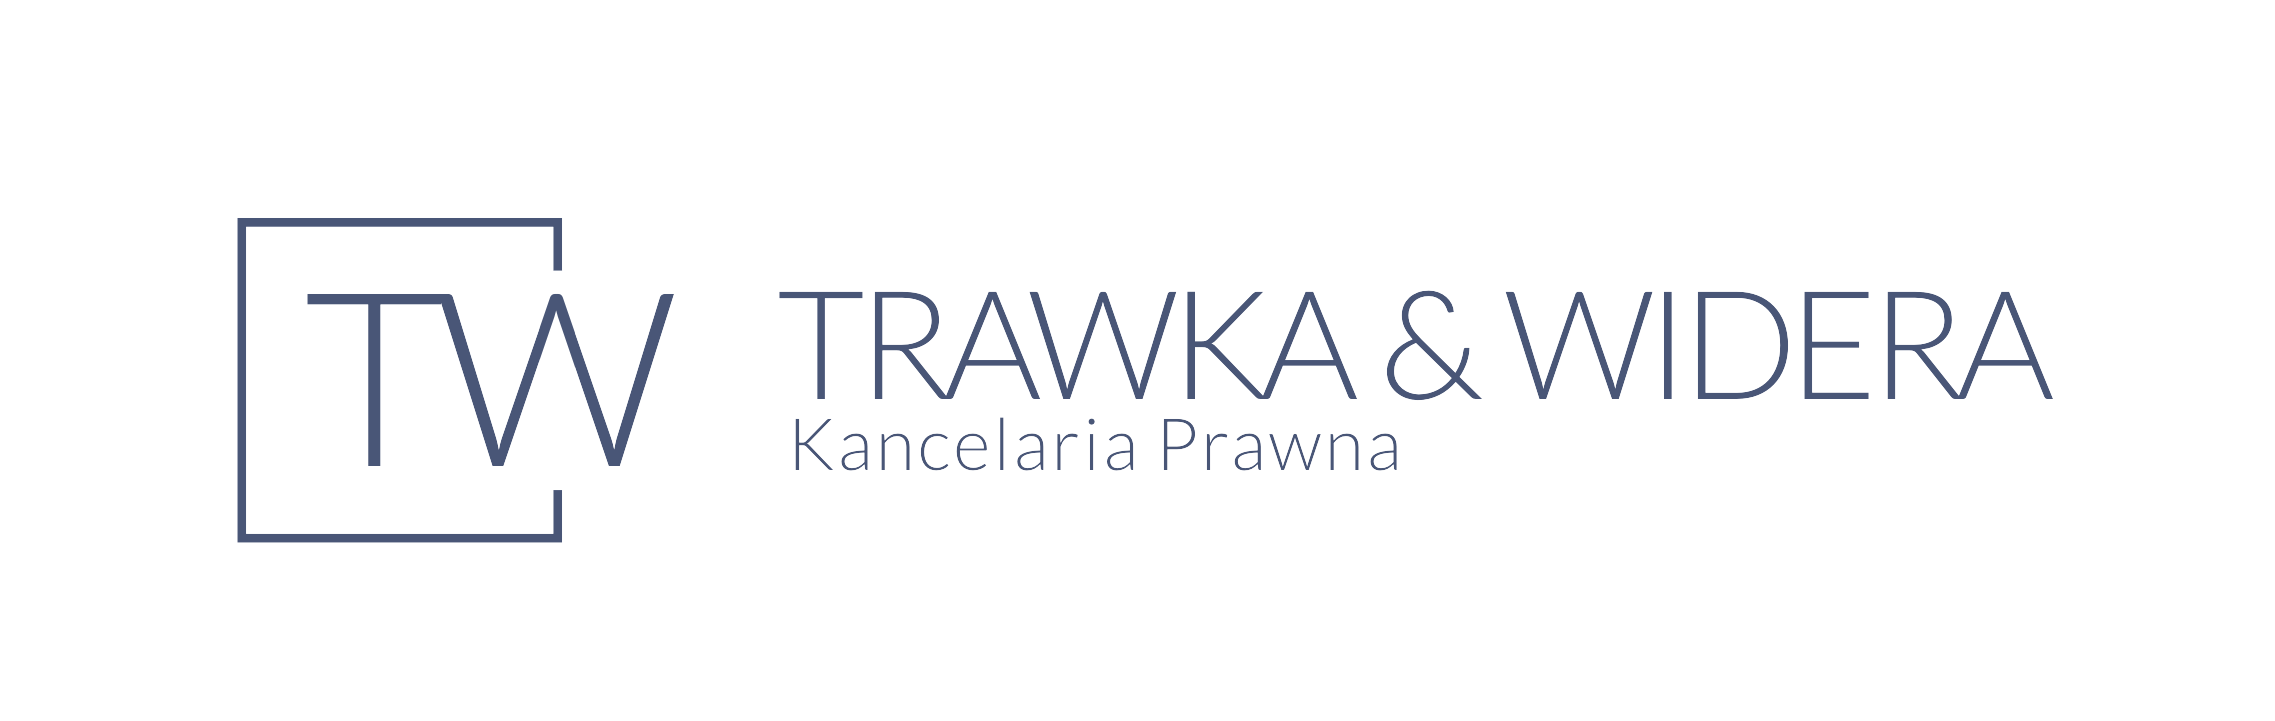 Trawka & Widera